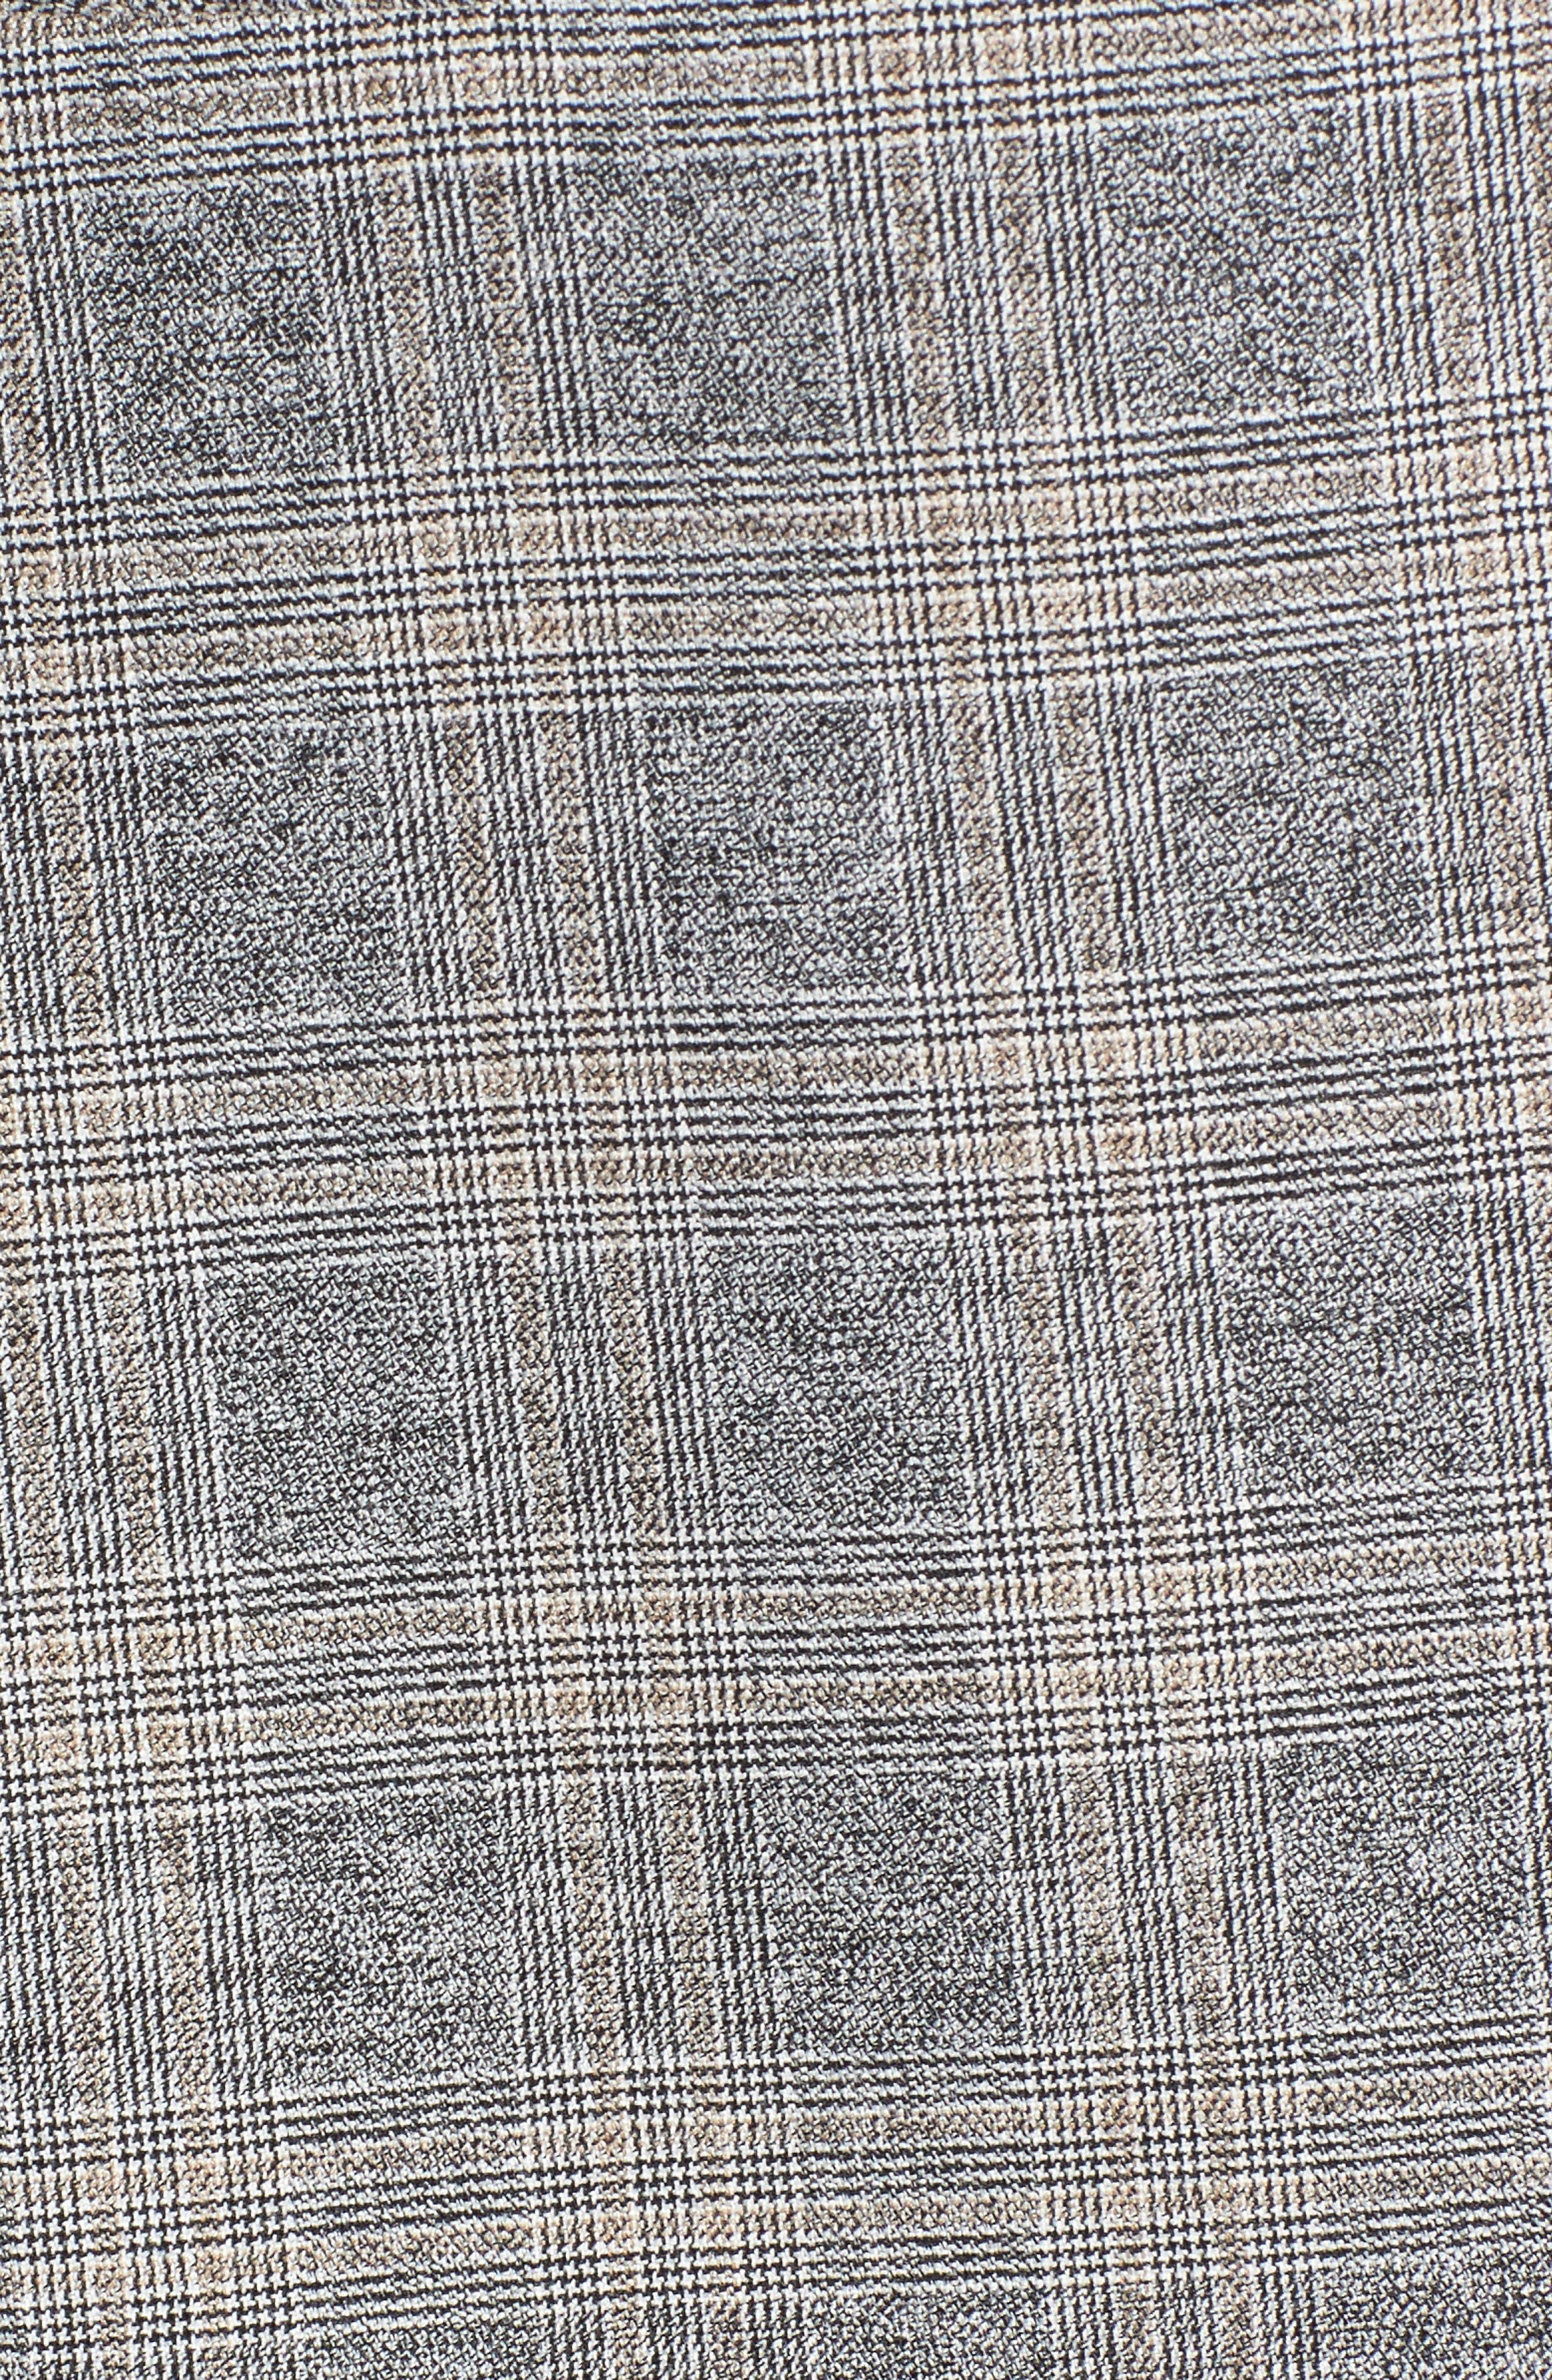 Check Plaid Suit Jacket,                             Alternate thumbnail 5, color,                             Grey Check